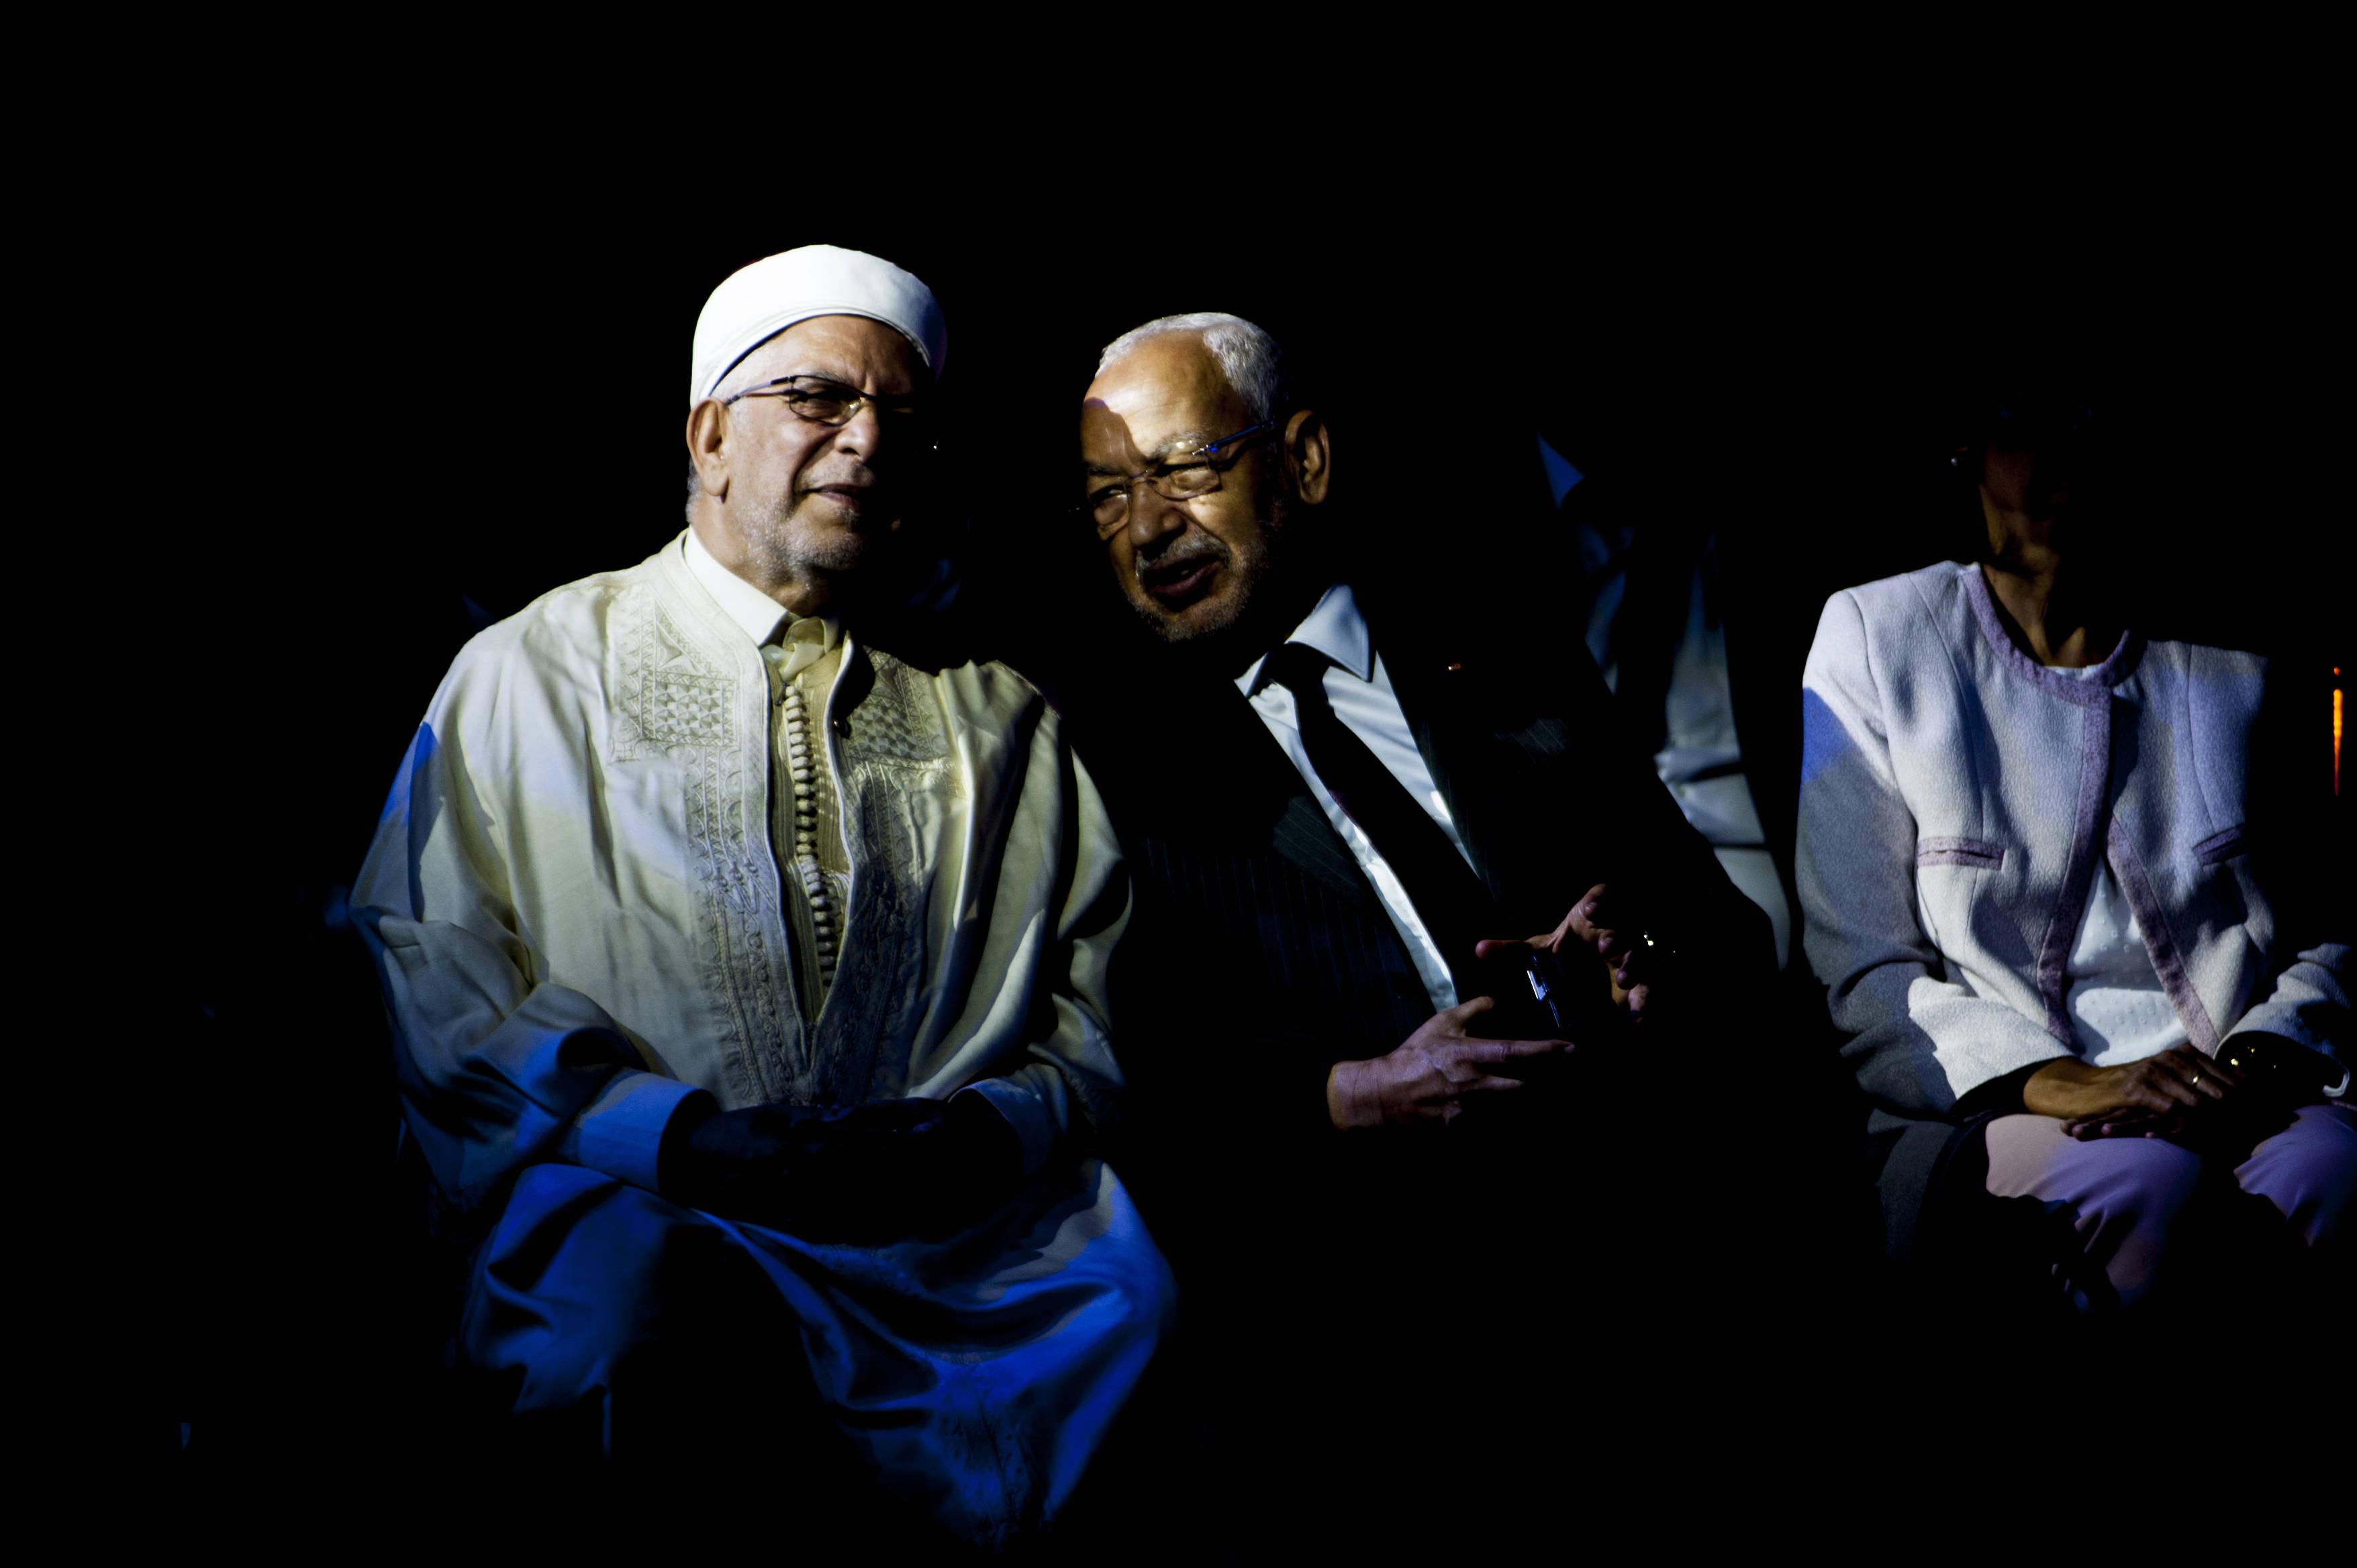 Rached Ghannouchi, le président d'Ennahdha (à droite), et le candidat du parti à l'élection présidentielle, Abdelfattah Mourou, vendredi 30 août 2019 à Tunis (image d'illustration).